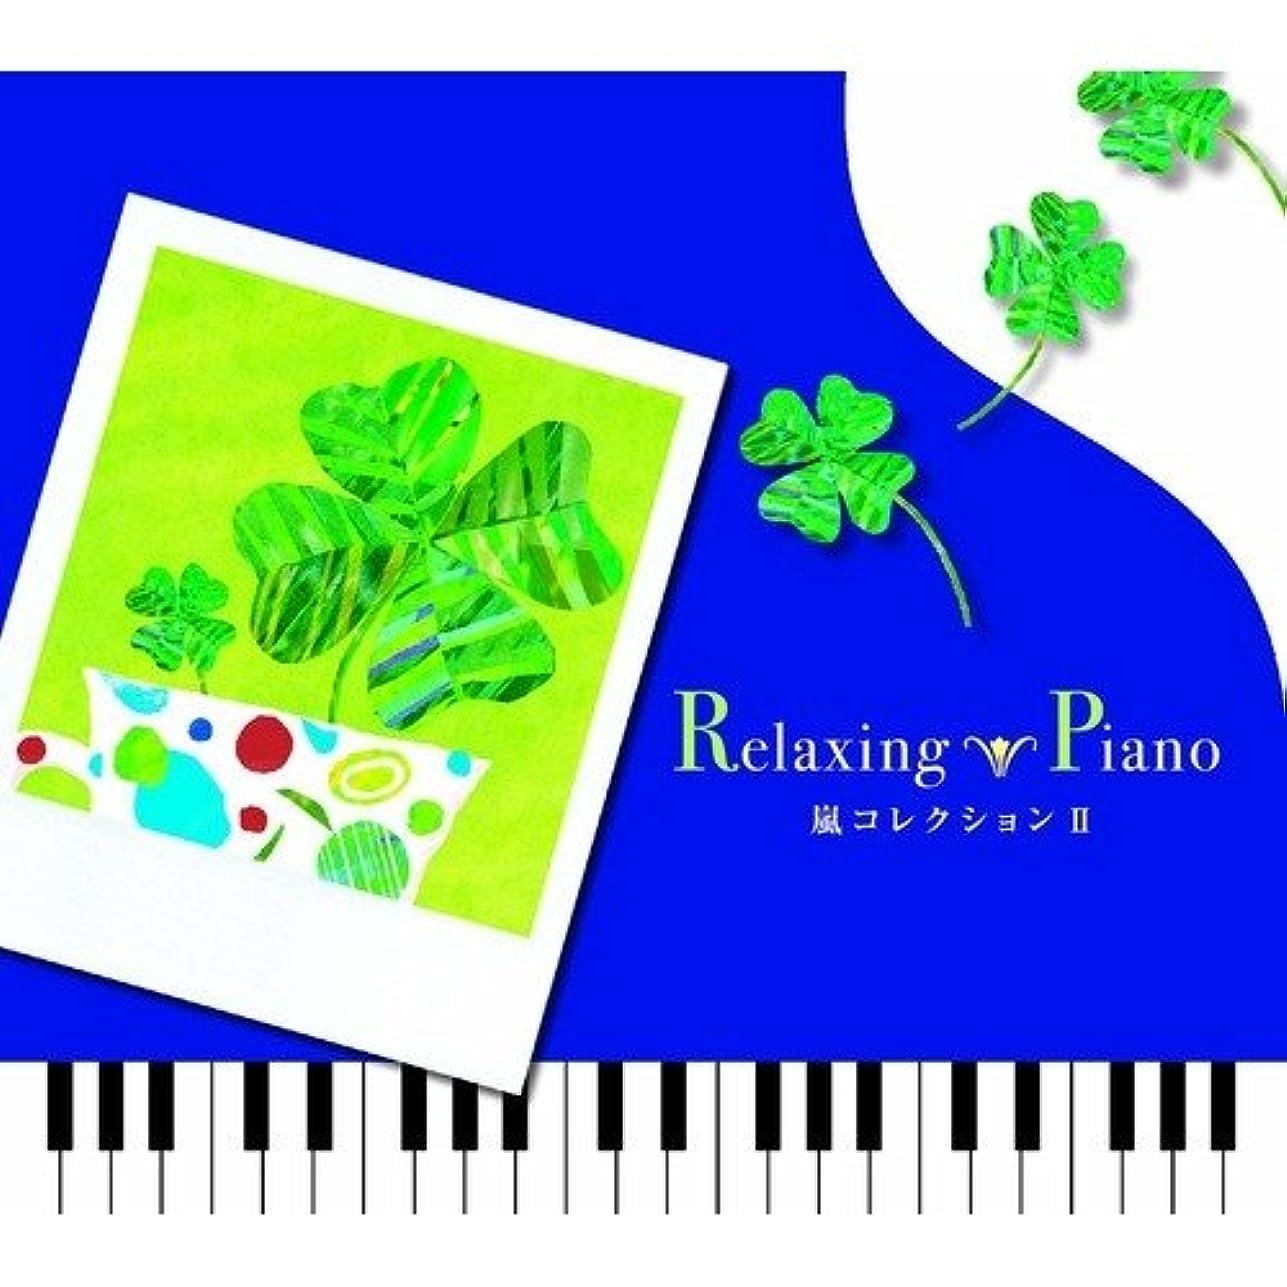 チャネルスクラップ裏切るRelaxing Piano 嵐 コレクション II